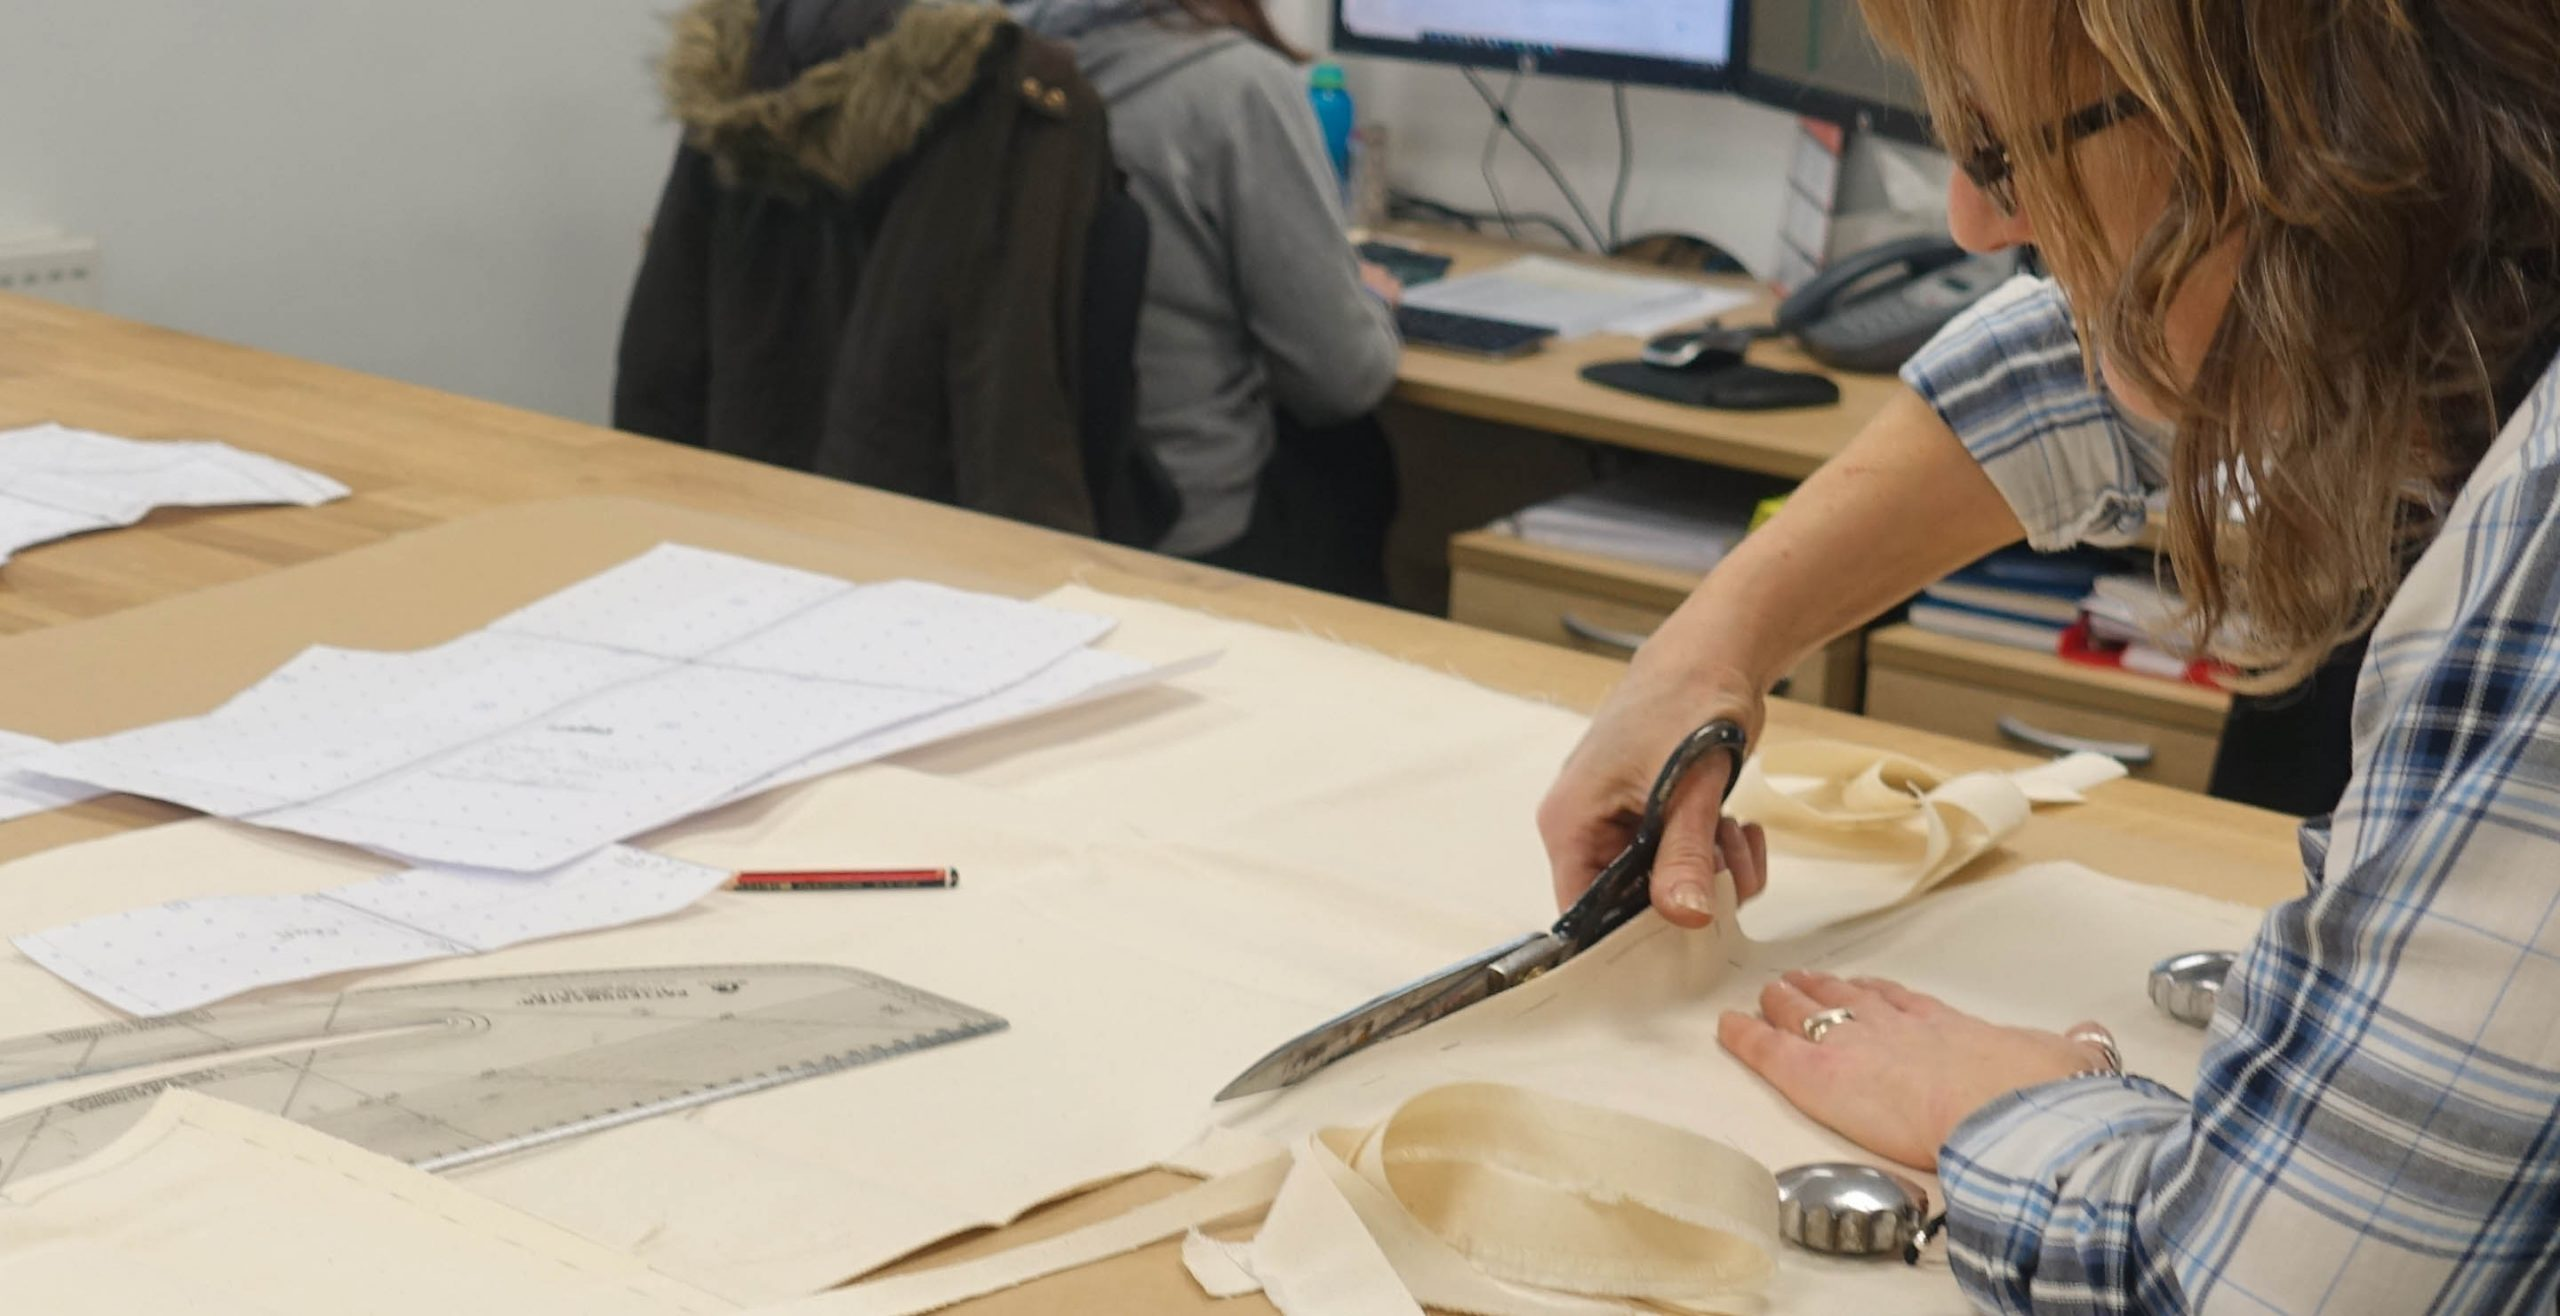 Sastre de RST realizando diseños de patrones, corte y confección de prendas de la marca británica, durante la visita de los periodistas y medios españoles